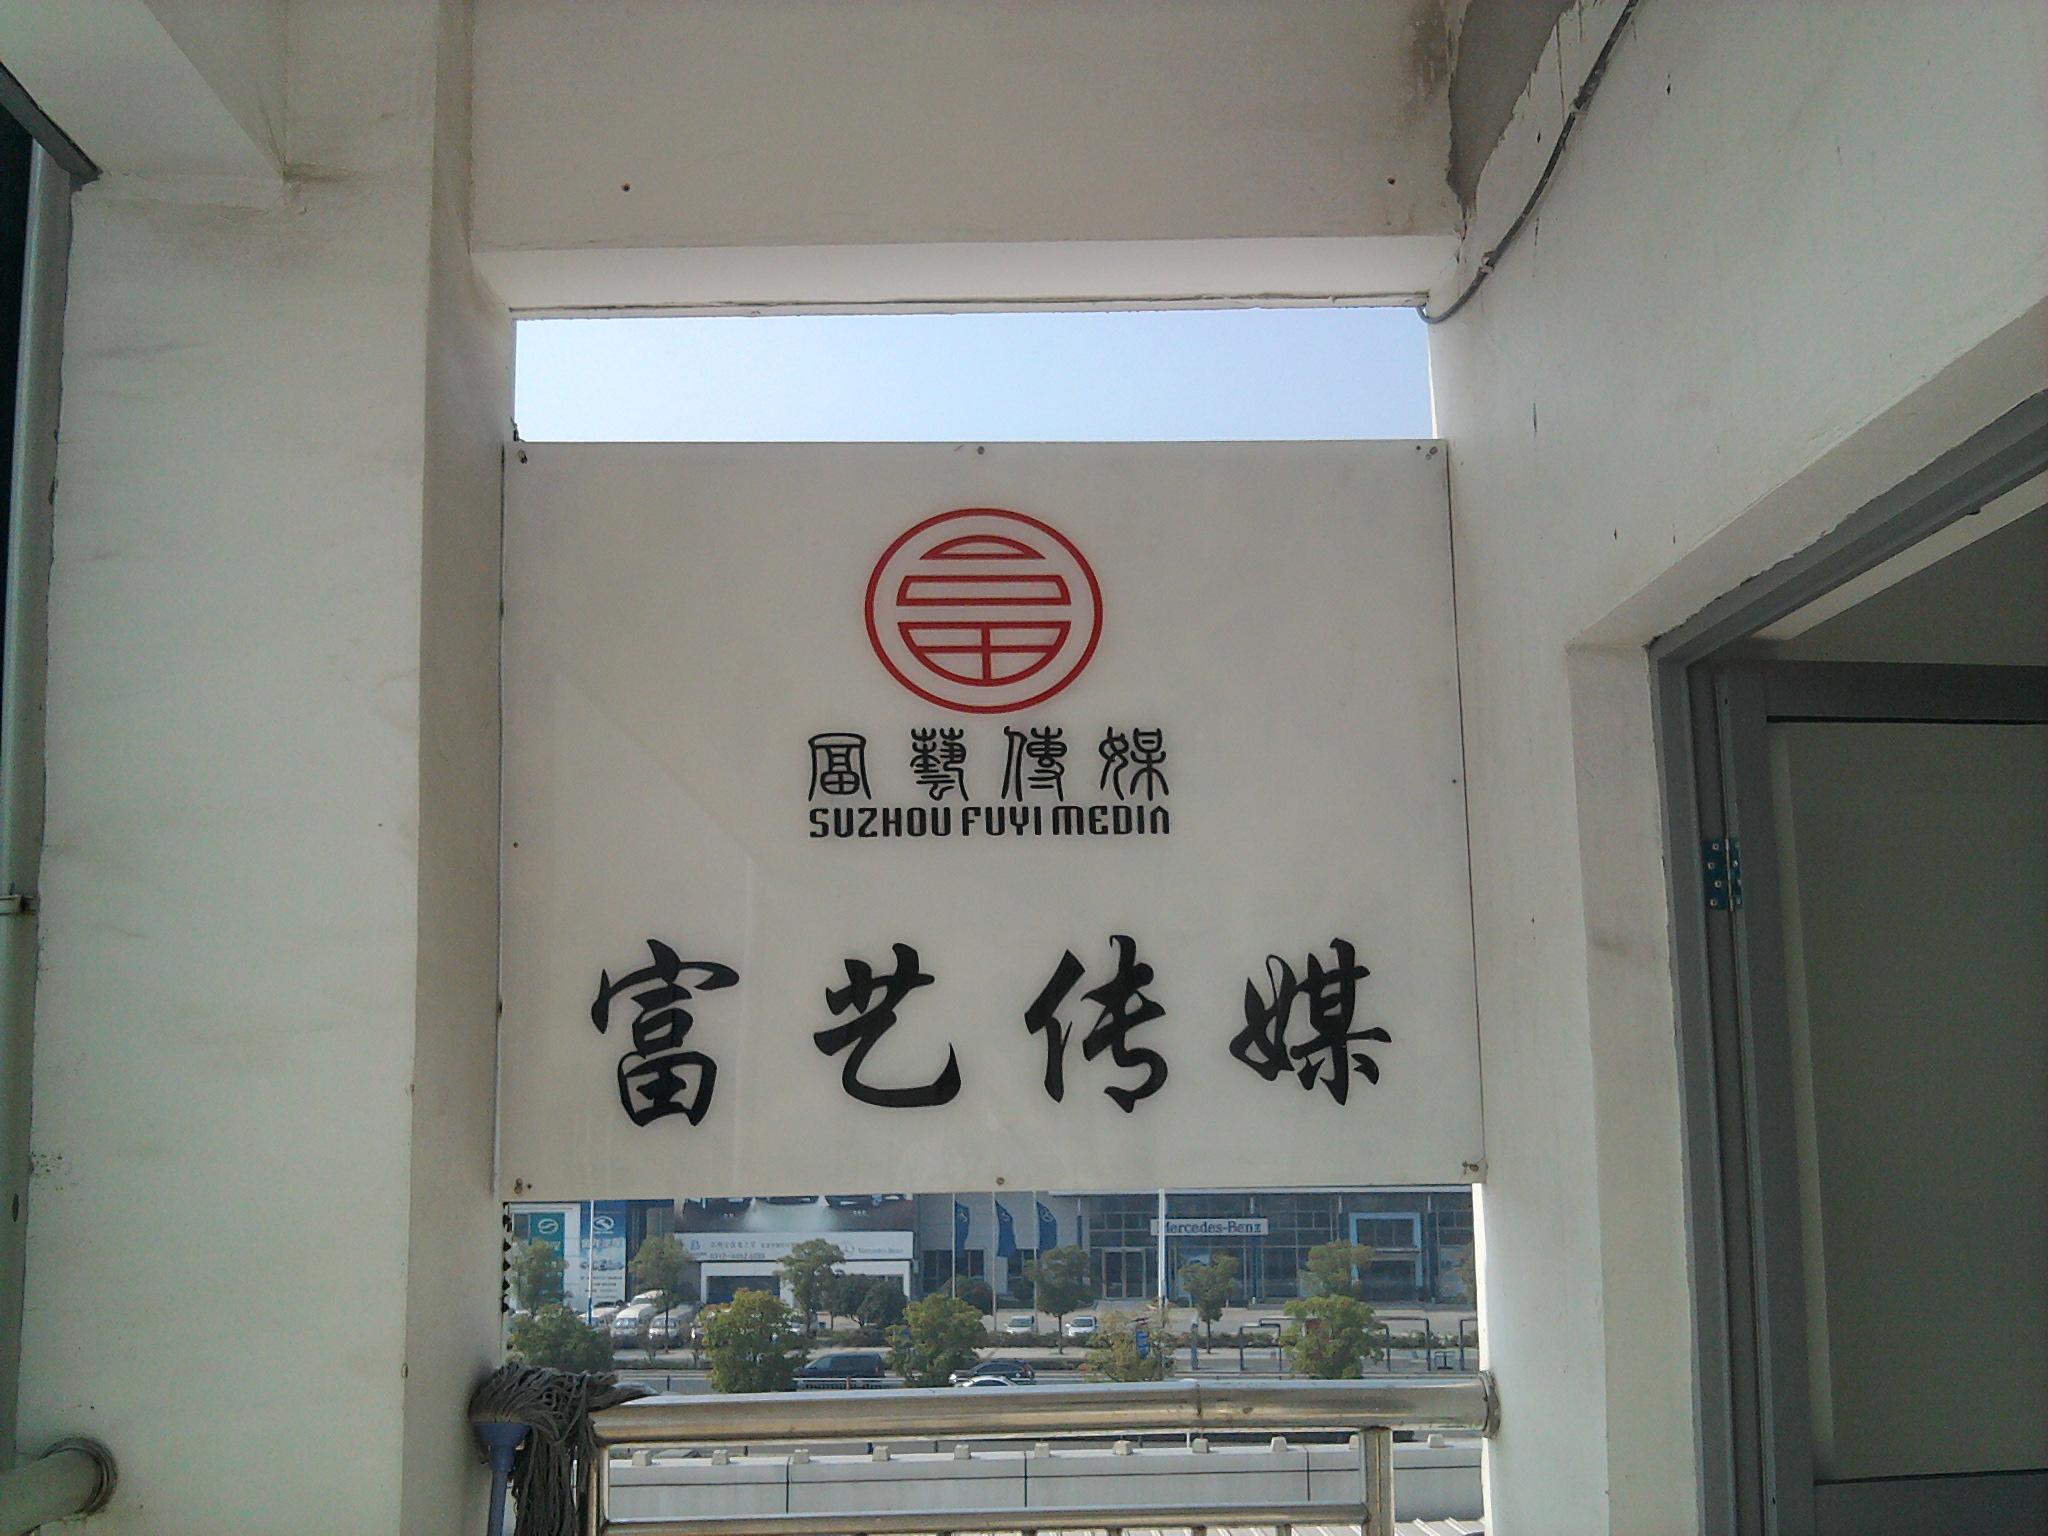 苏州市富艺传媒文化亚博娱乐官方网首页